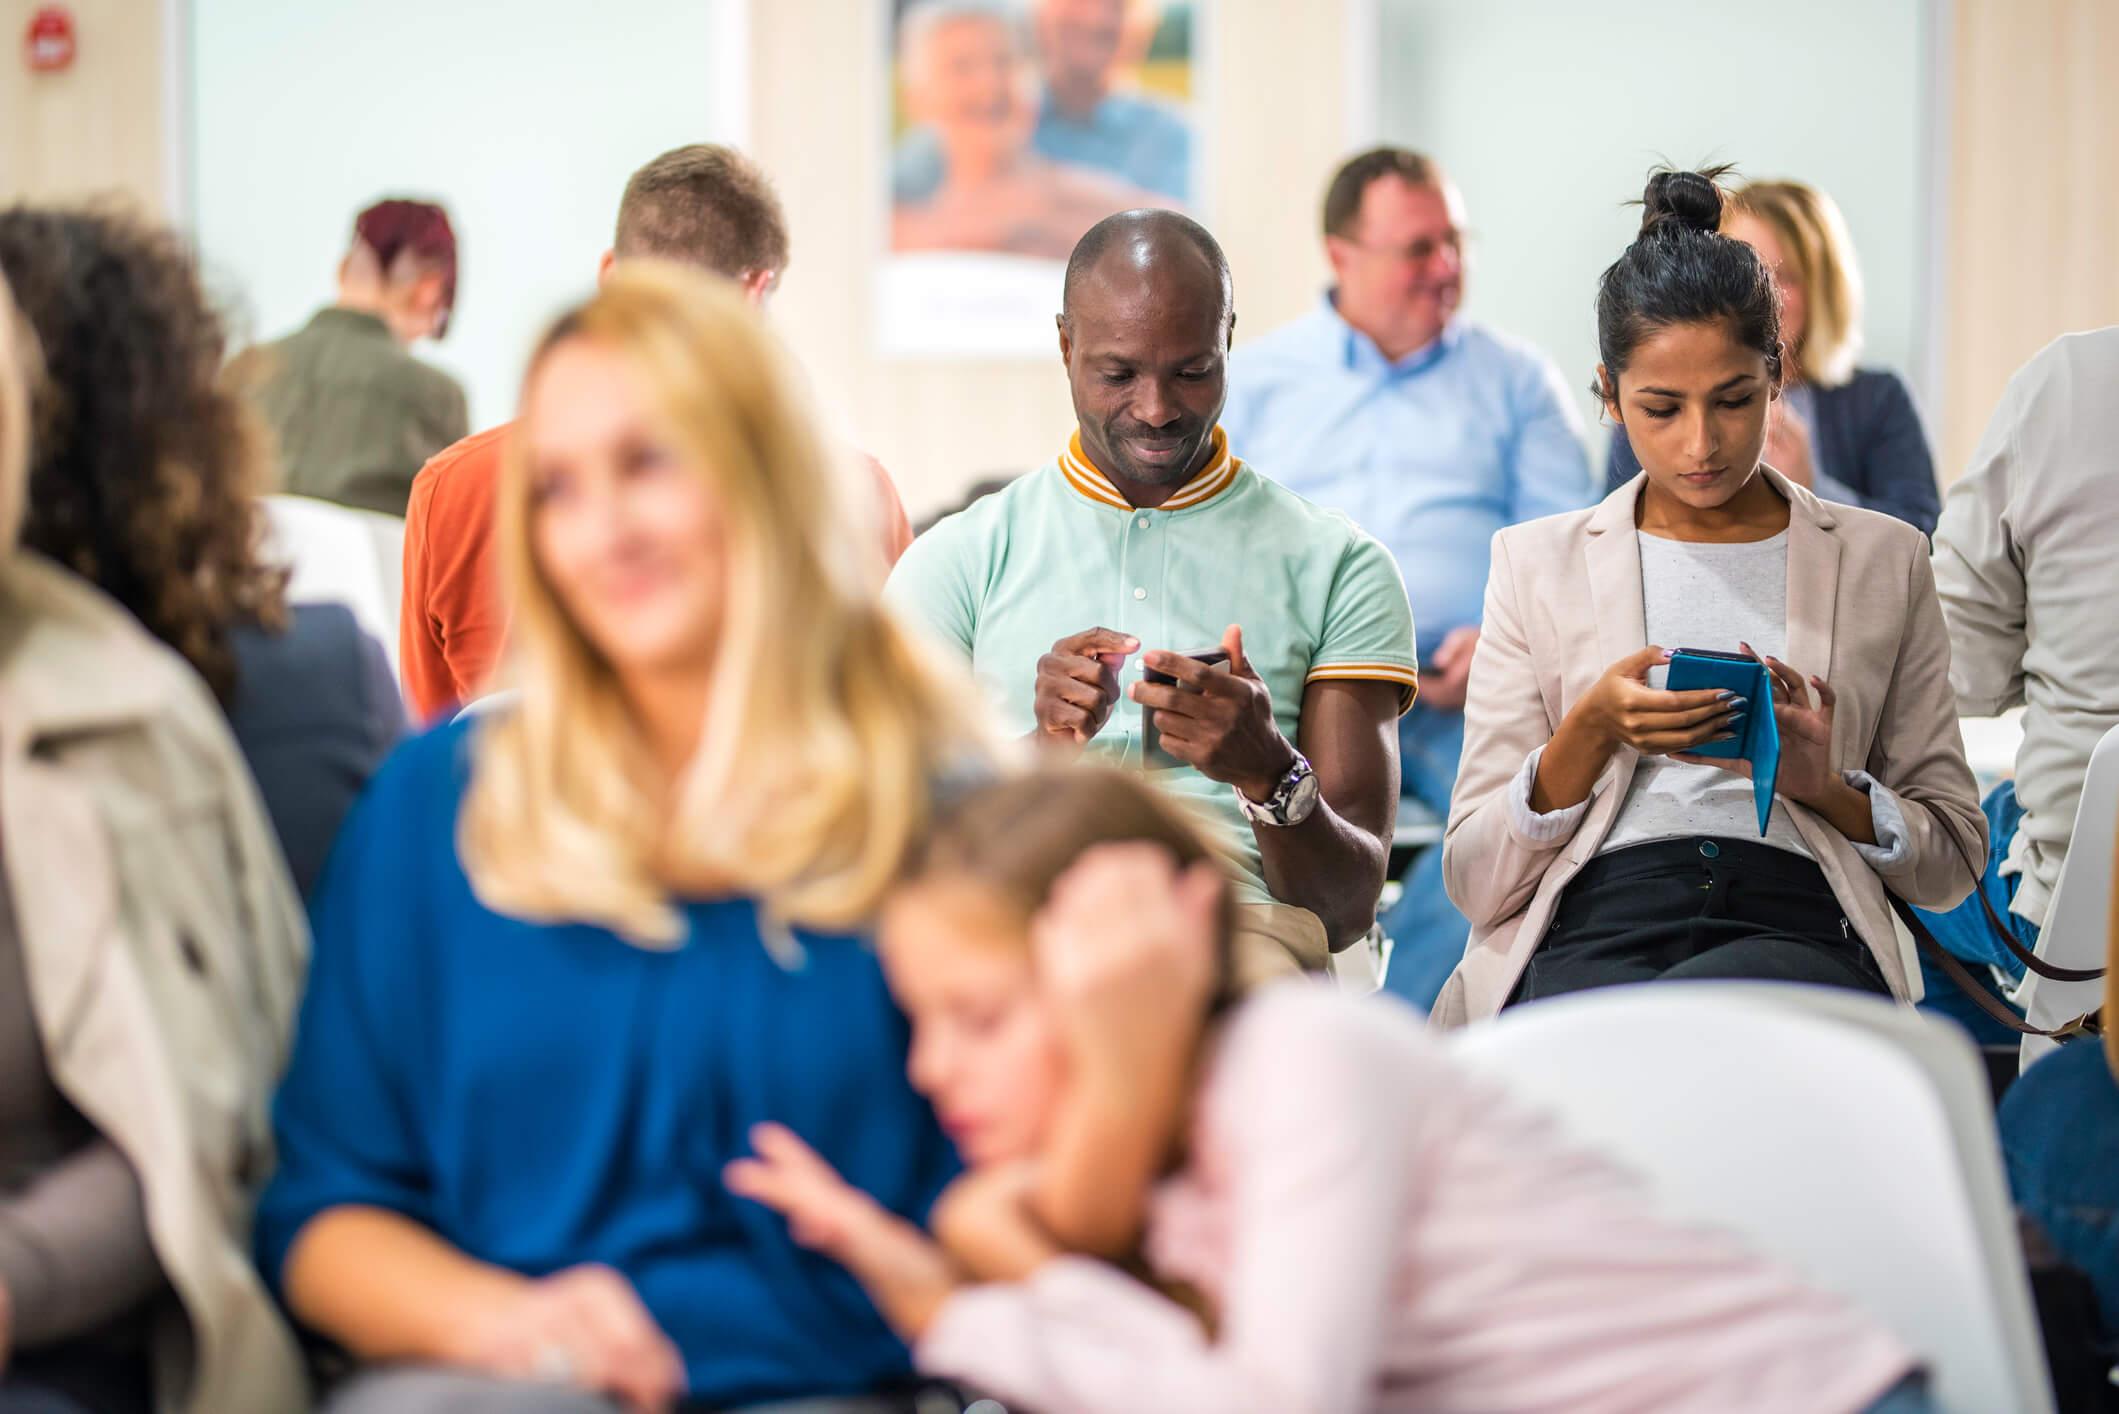 Sala de espera lotada, um dos indicadores de desempenho